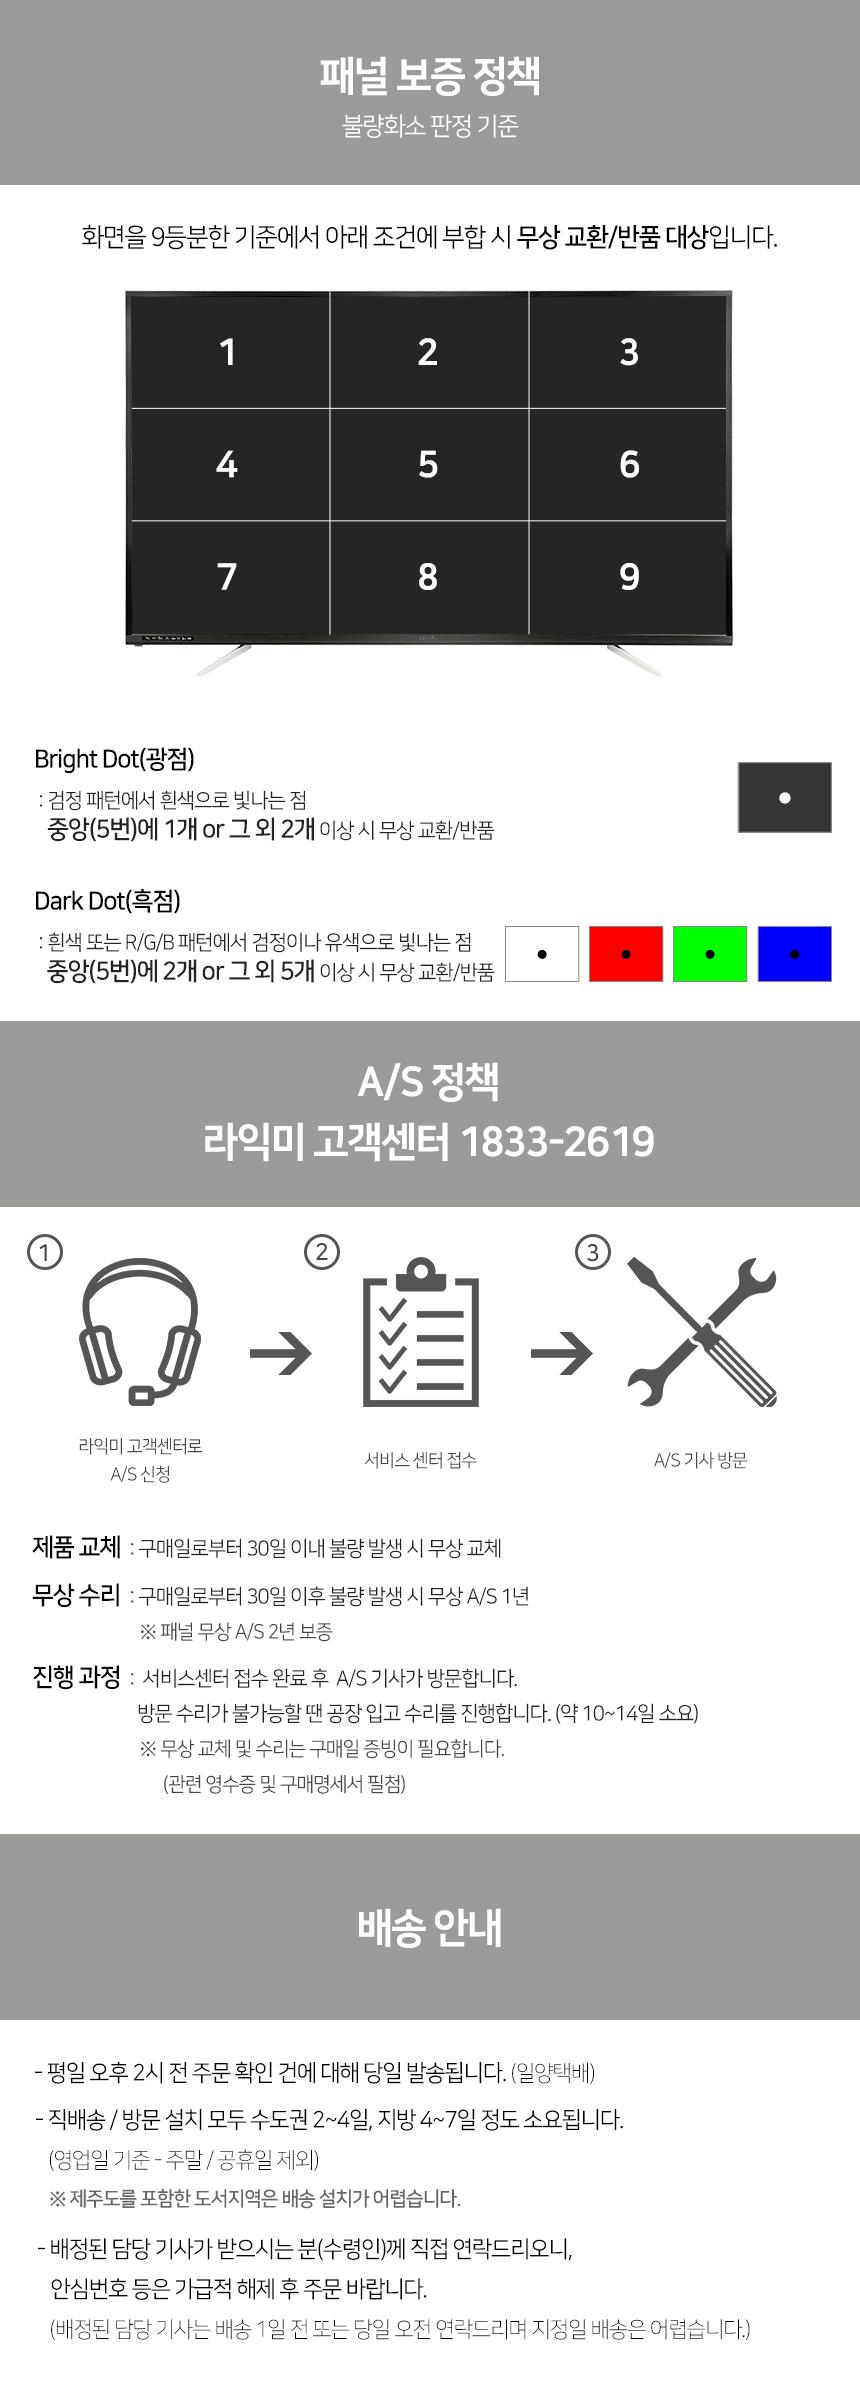 라익미 스마트 DS5801L 4K HDR 다이렉트TV (벽걸이)